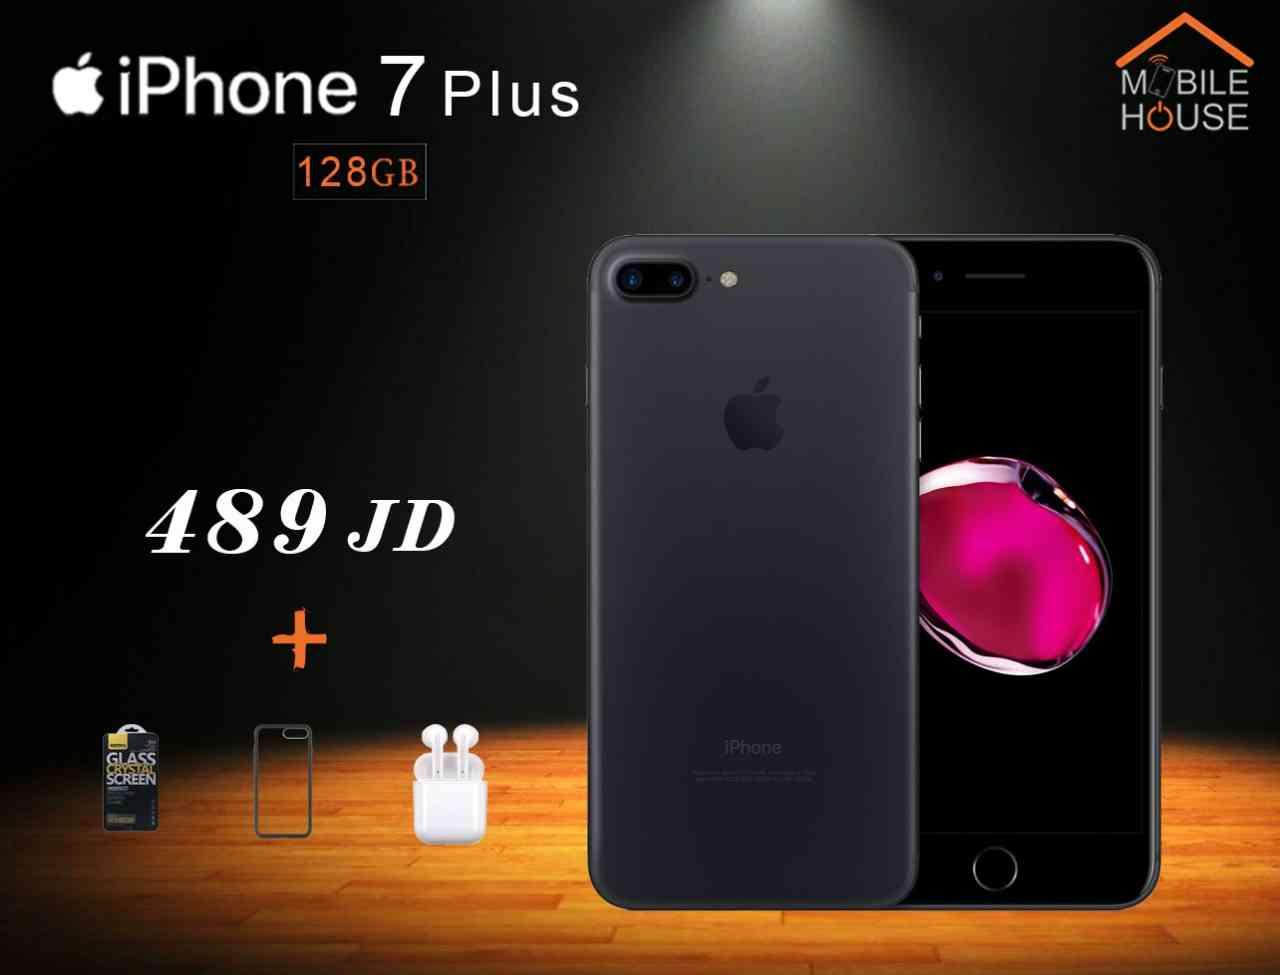 iPhone 11 64GB - $ 650 USDiPhone 11 128GB - $ 710 USDiPhone 11 256GB - $ 770 USDiPhone 11 Pro 64GB - $ 720 USDiPhone 11 Pro 256GB - $ 750 USDiPhone 11 Pro 512GB-  ايفون 7 بلس جديد مسكر...